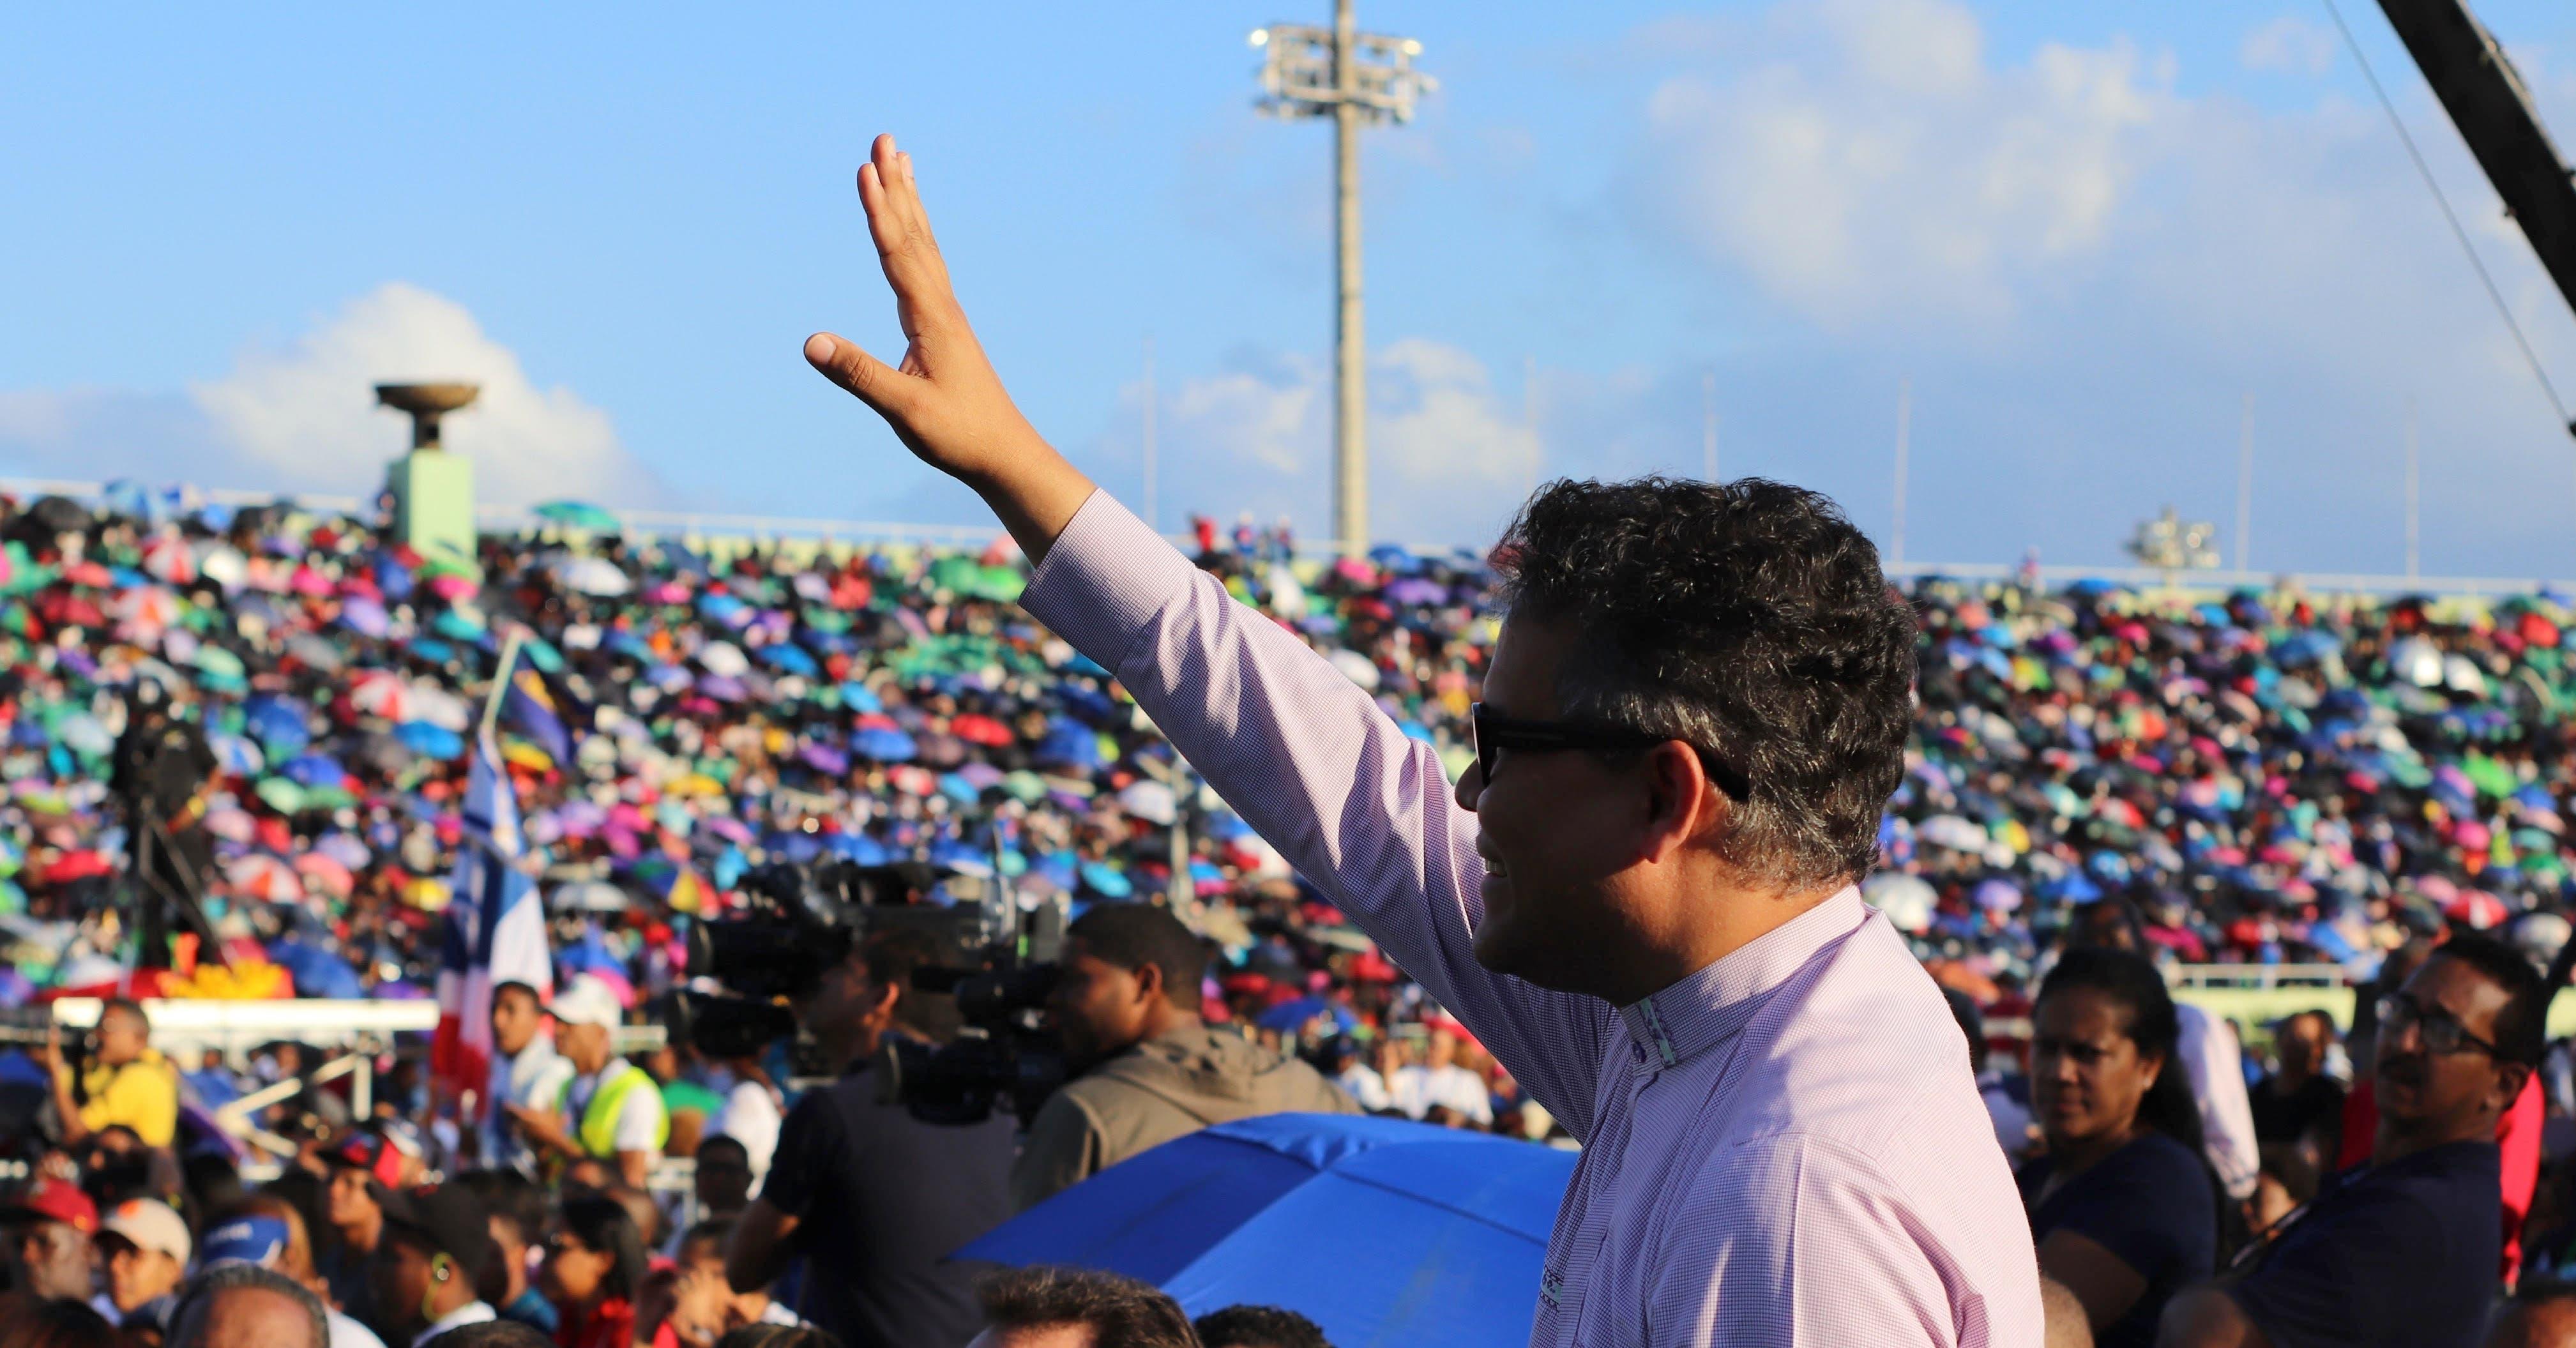 Video: Someterán acción judicial contra Gobierno por prohibir predicar el evangelio en Metro y Teleférico